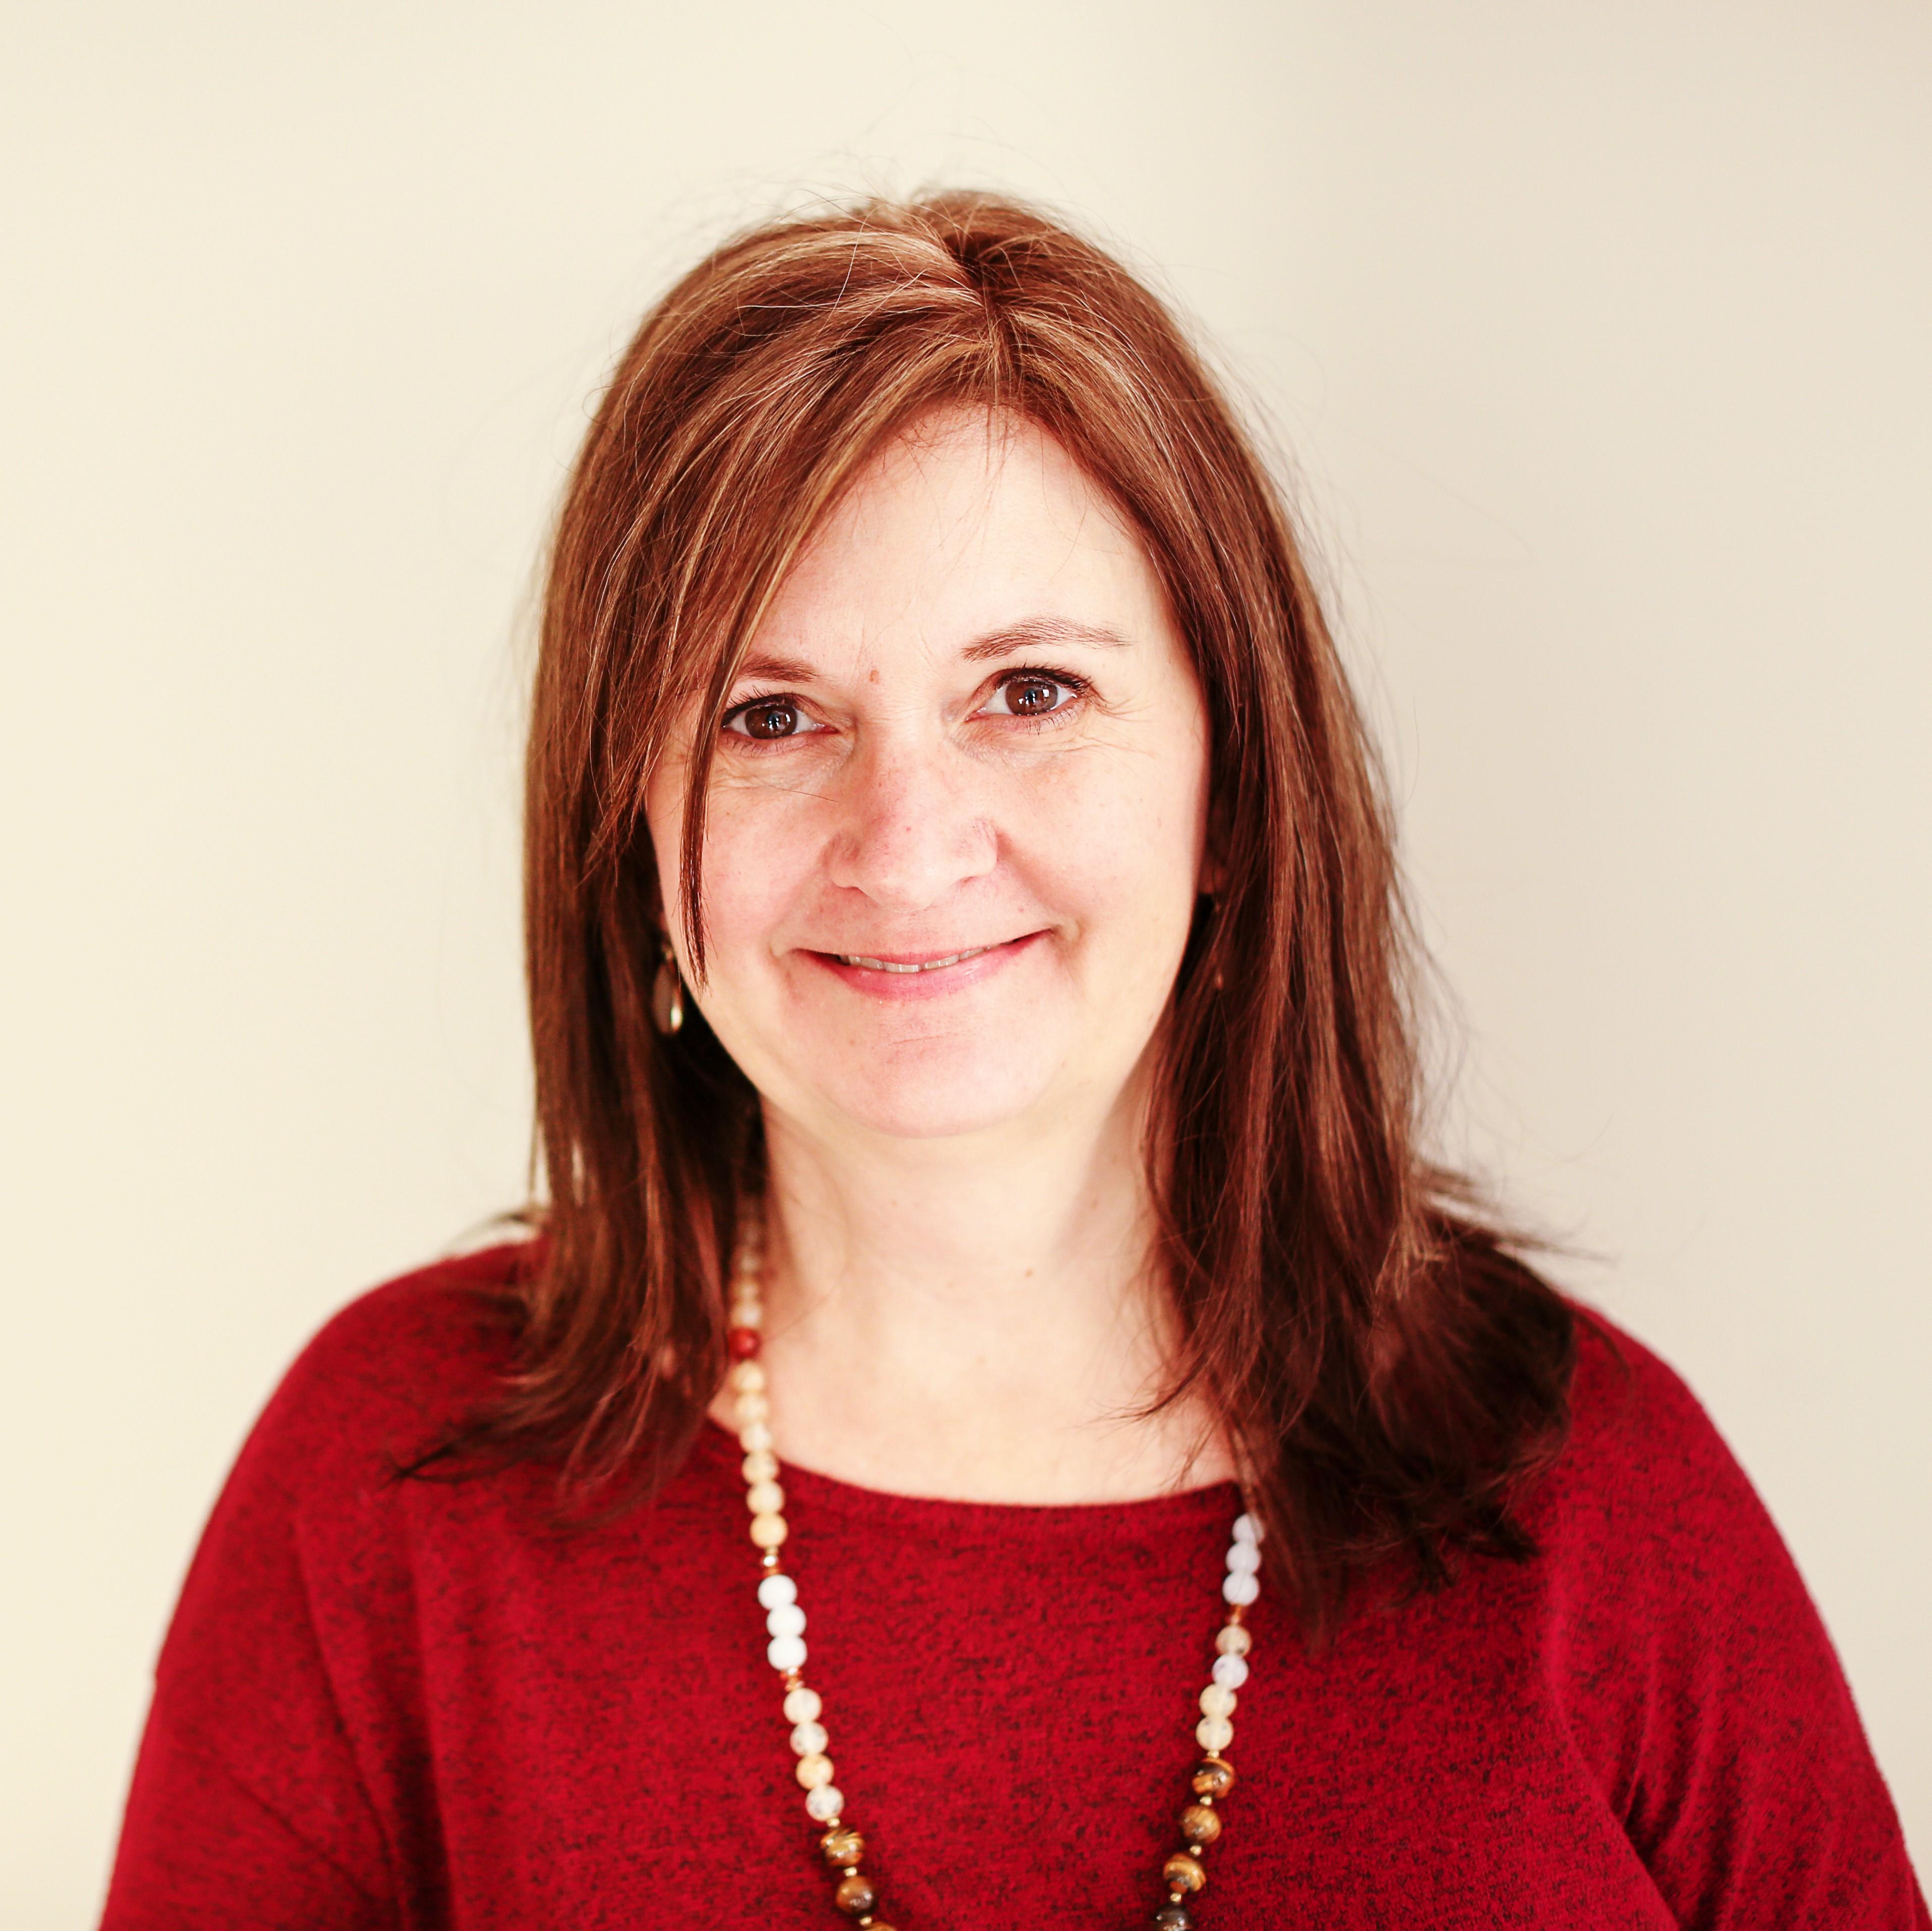 Karen Reich